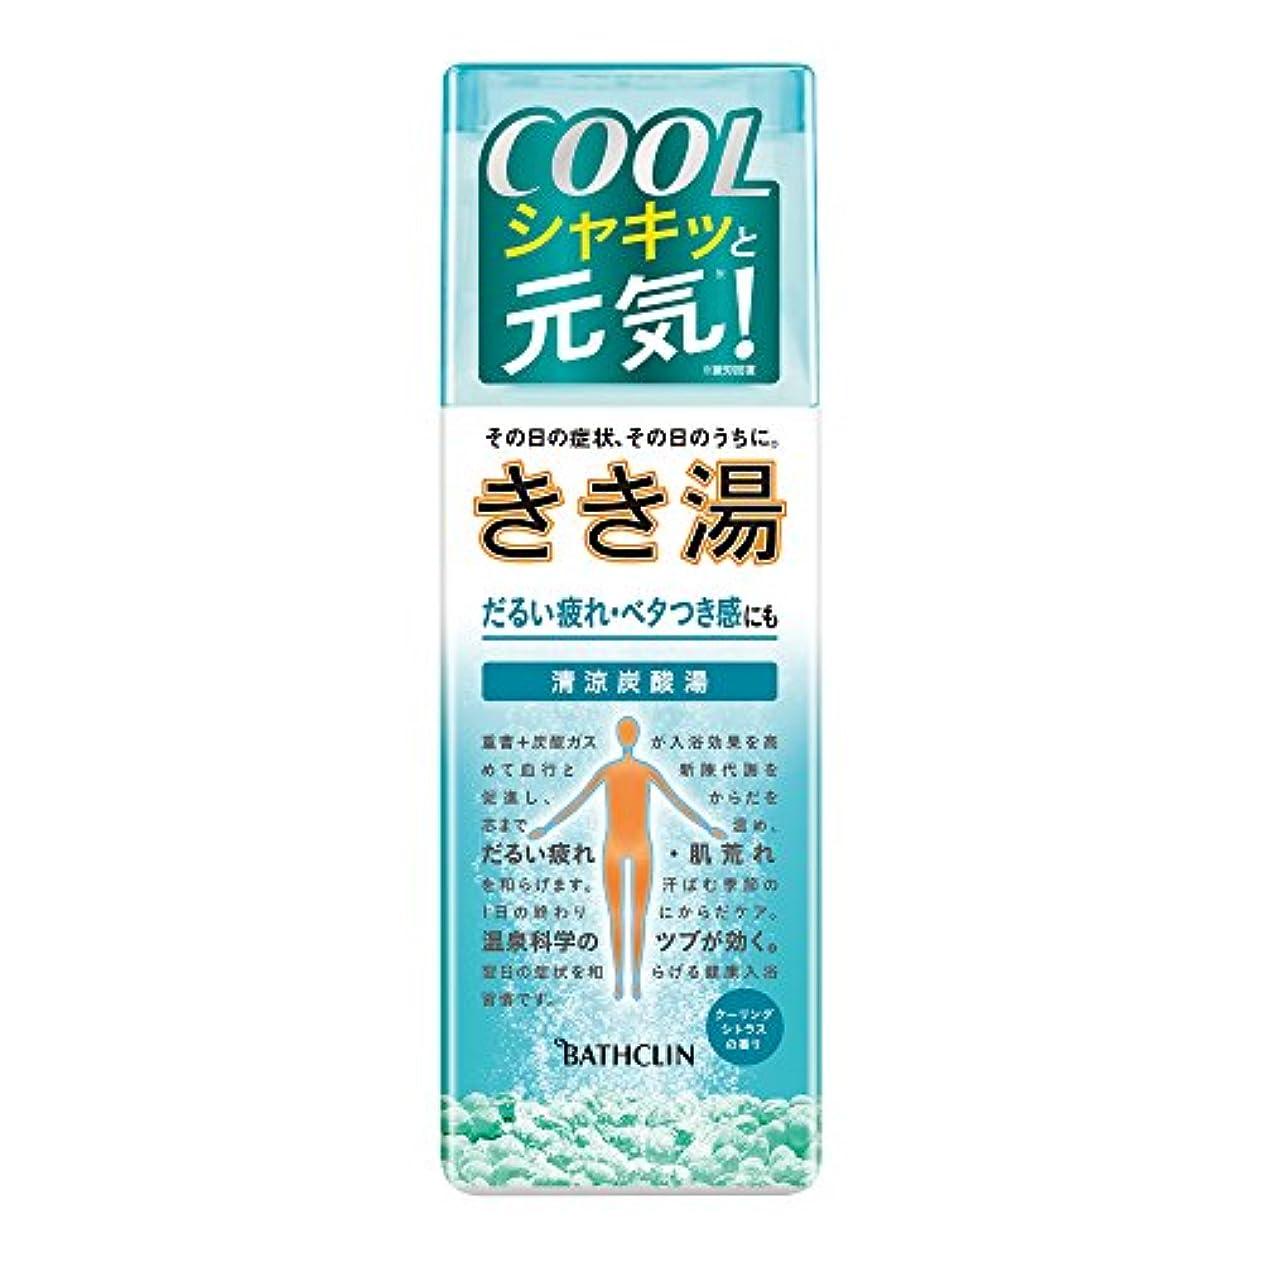 まさに靄自然【医薬部外品】きき湯清涼炭酸湯クーリングシトラスの香り360gスカイブルーの湯透明タイプ入浴剤